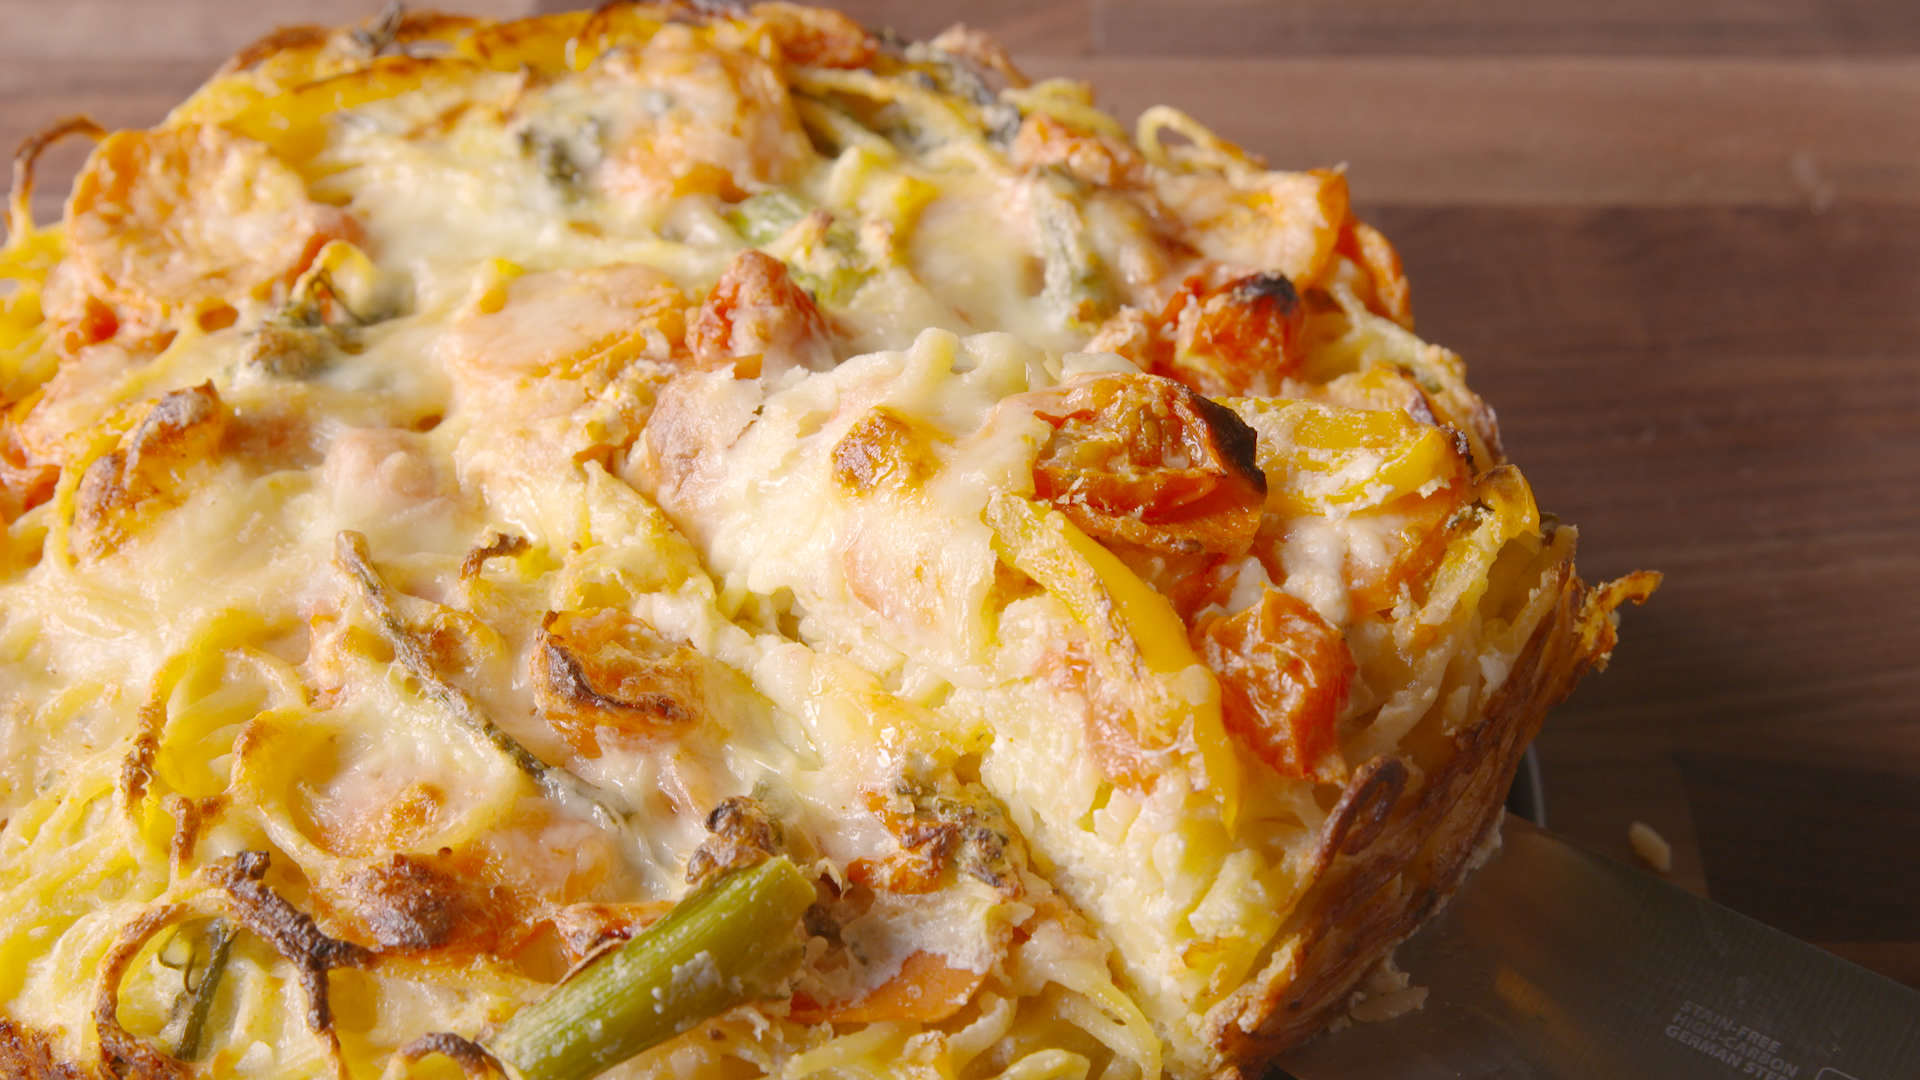 Healthy Vegetarian Dinner Recipes - Meatless Vegetarian Dinners ...